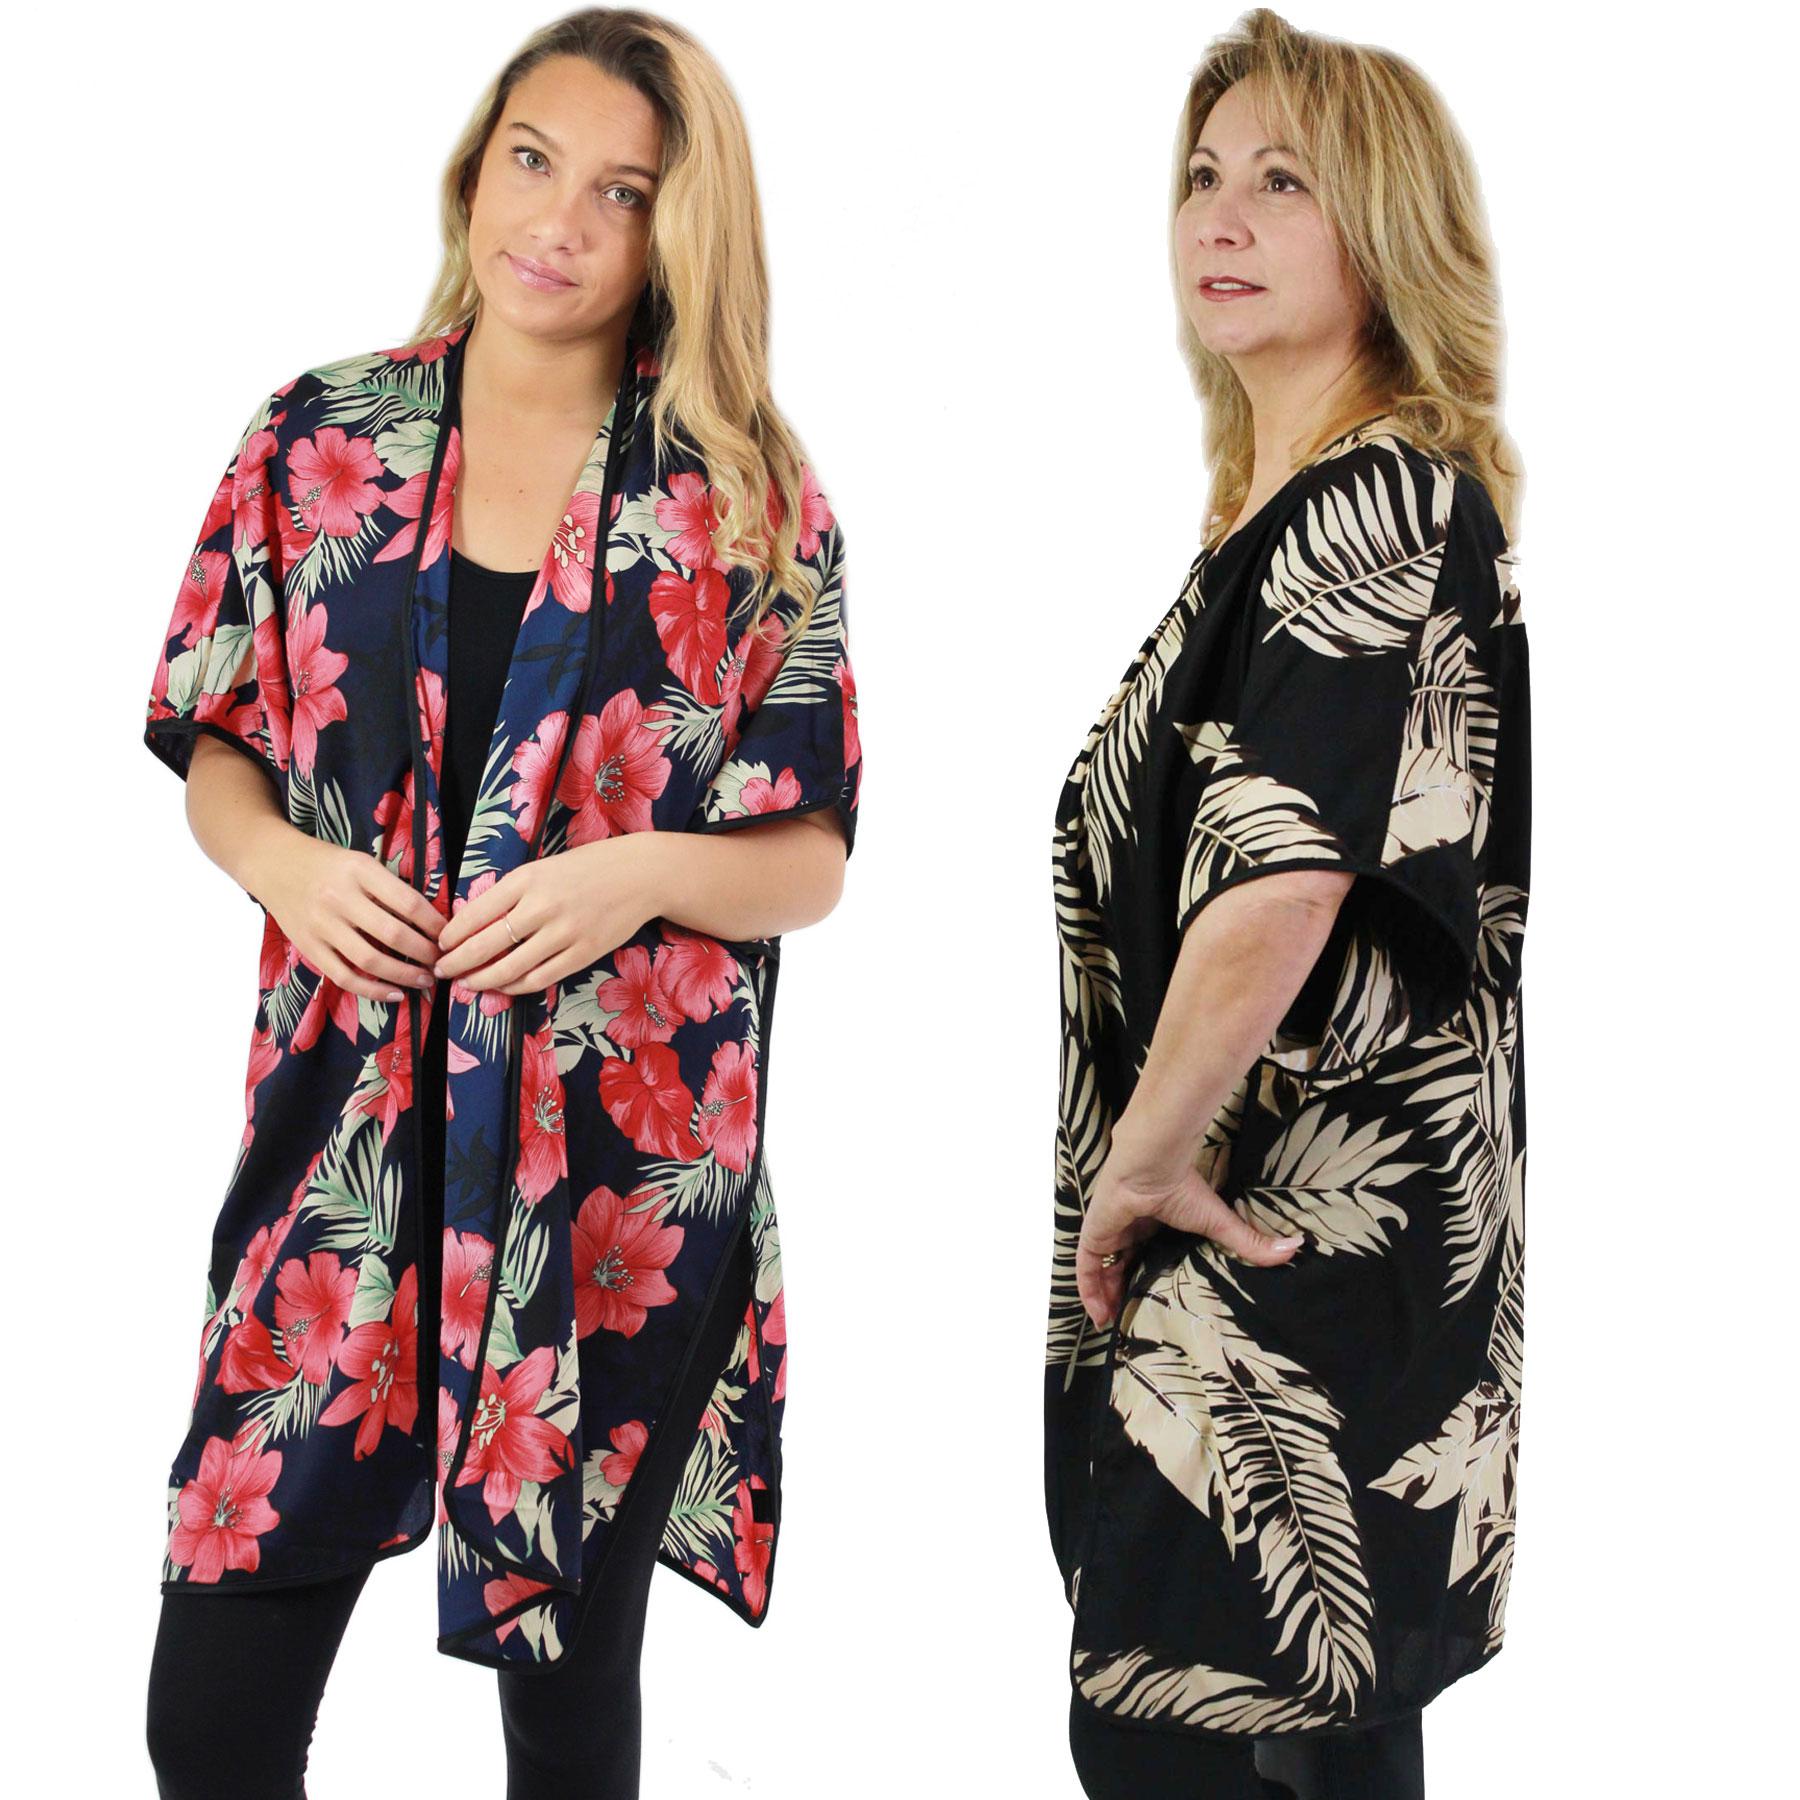 Kimono - Tropical Prints 9336 & 9337